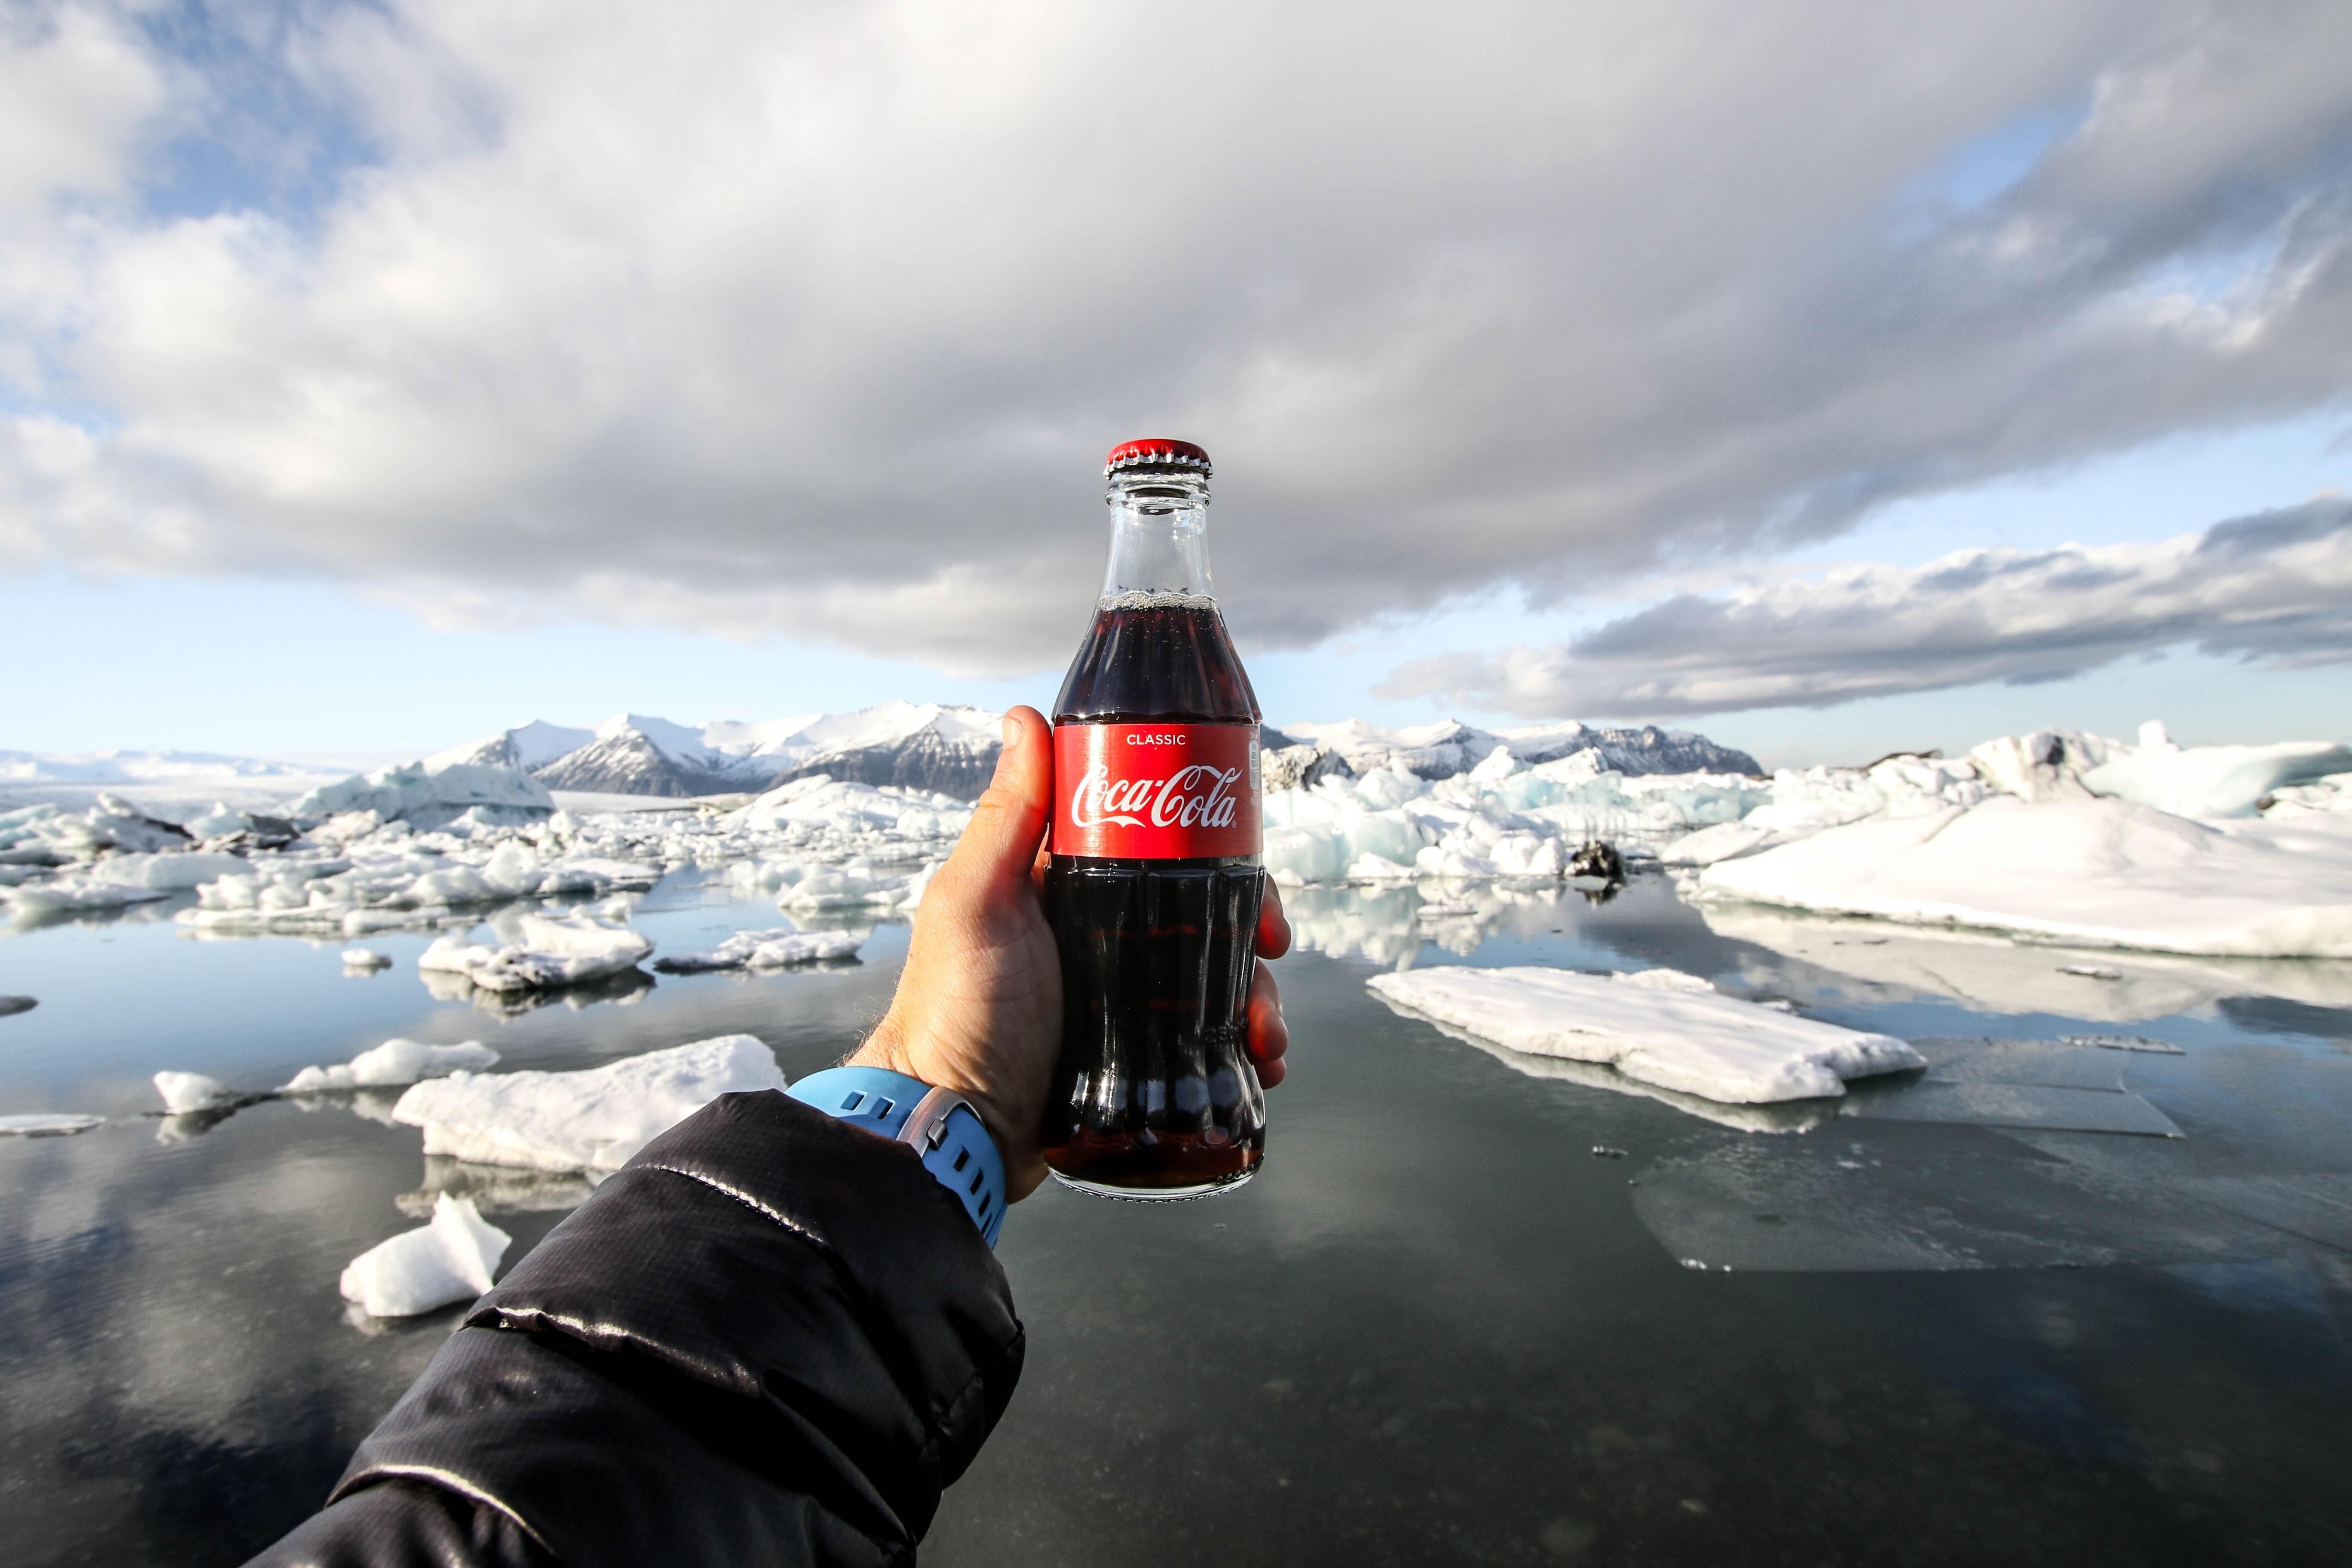 Auf vielfachen Wunsch der Gäste bietet AIDA Cruises in Zukunft Coca Cola-Produkte an. Dadurch wird den Gästen eine hohe Qualität und mehr Vielfalt angeboten z.B. durch zusätzliche Zero-Produkte. Ab sofort erhalten die Schiffe von AIDA Cruises auch eine neue Barkarte. Das Getränkeangebot mit vielen neuen Erfrischungen, Cocktails und Longdrinks wird sukzessive an Bord der AIDA Flotte umgestellt.